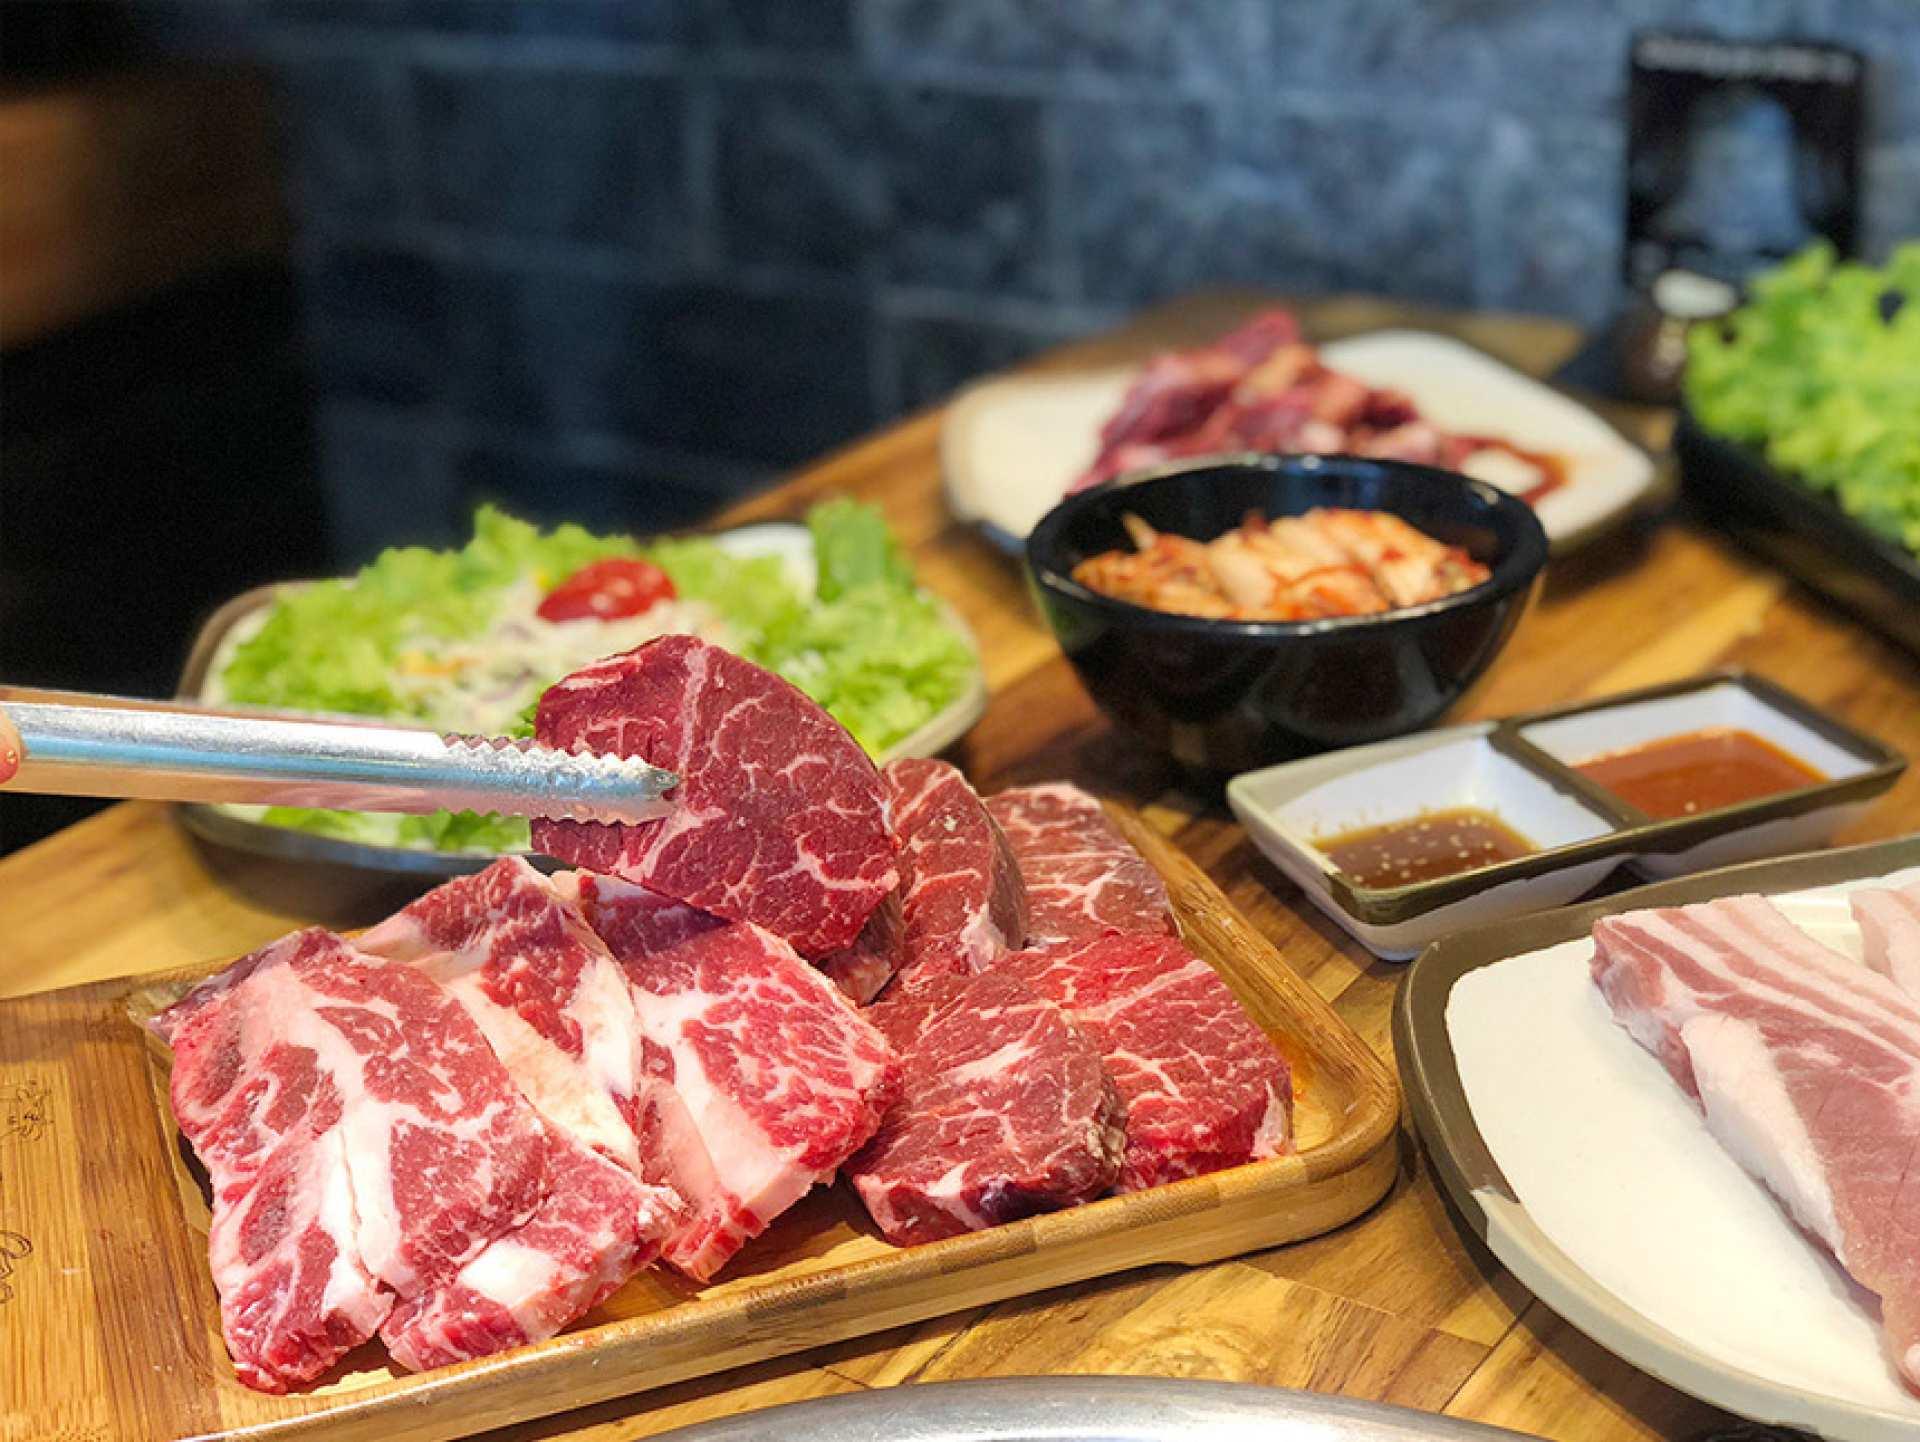 【品嚐正宗韓式燒肉】 GoGi House 韓式料理現金券